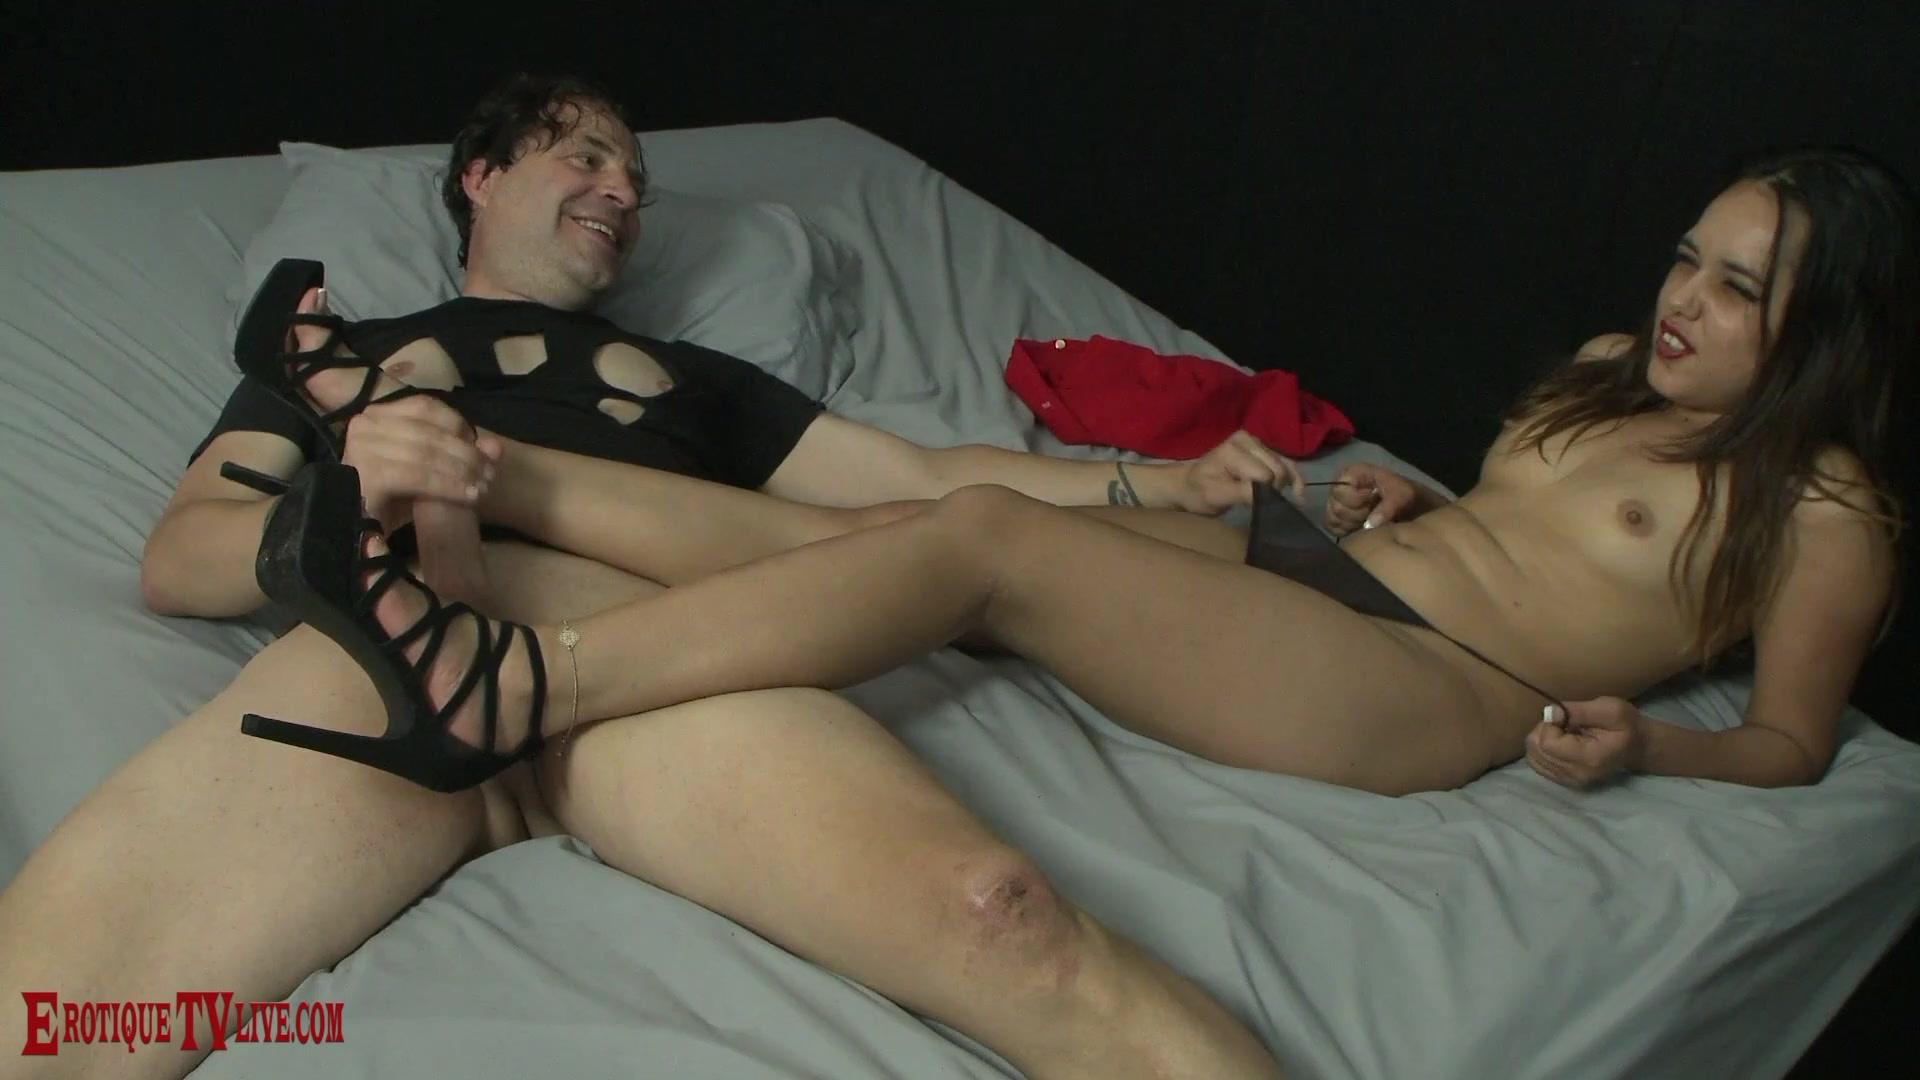 Eric john porn, big boob jess